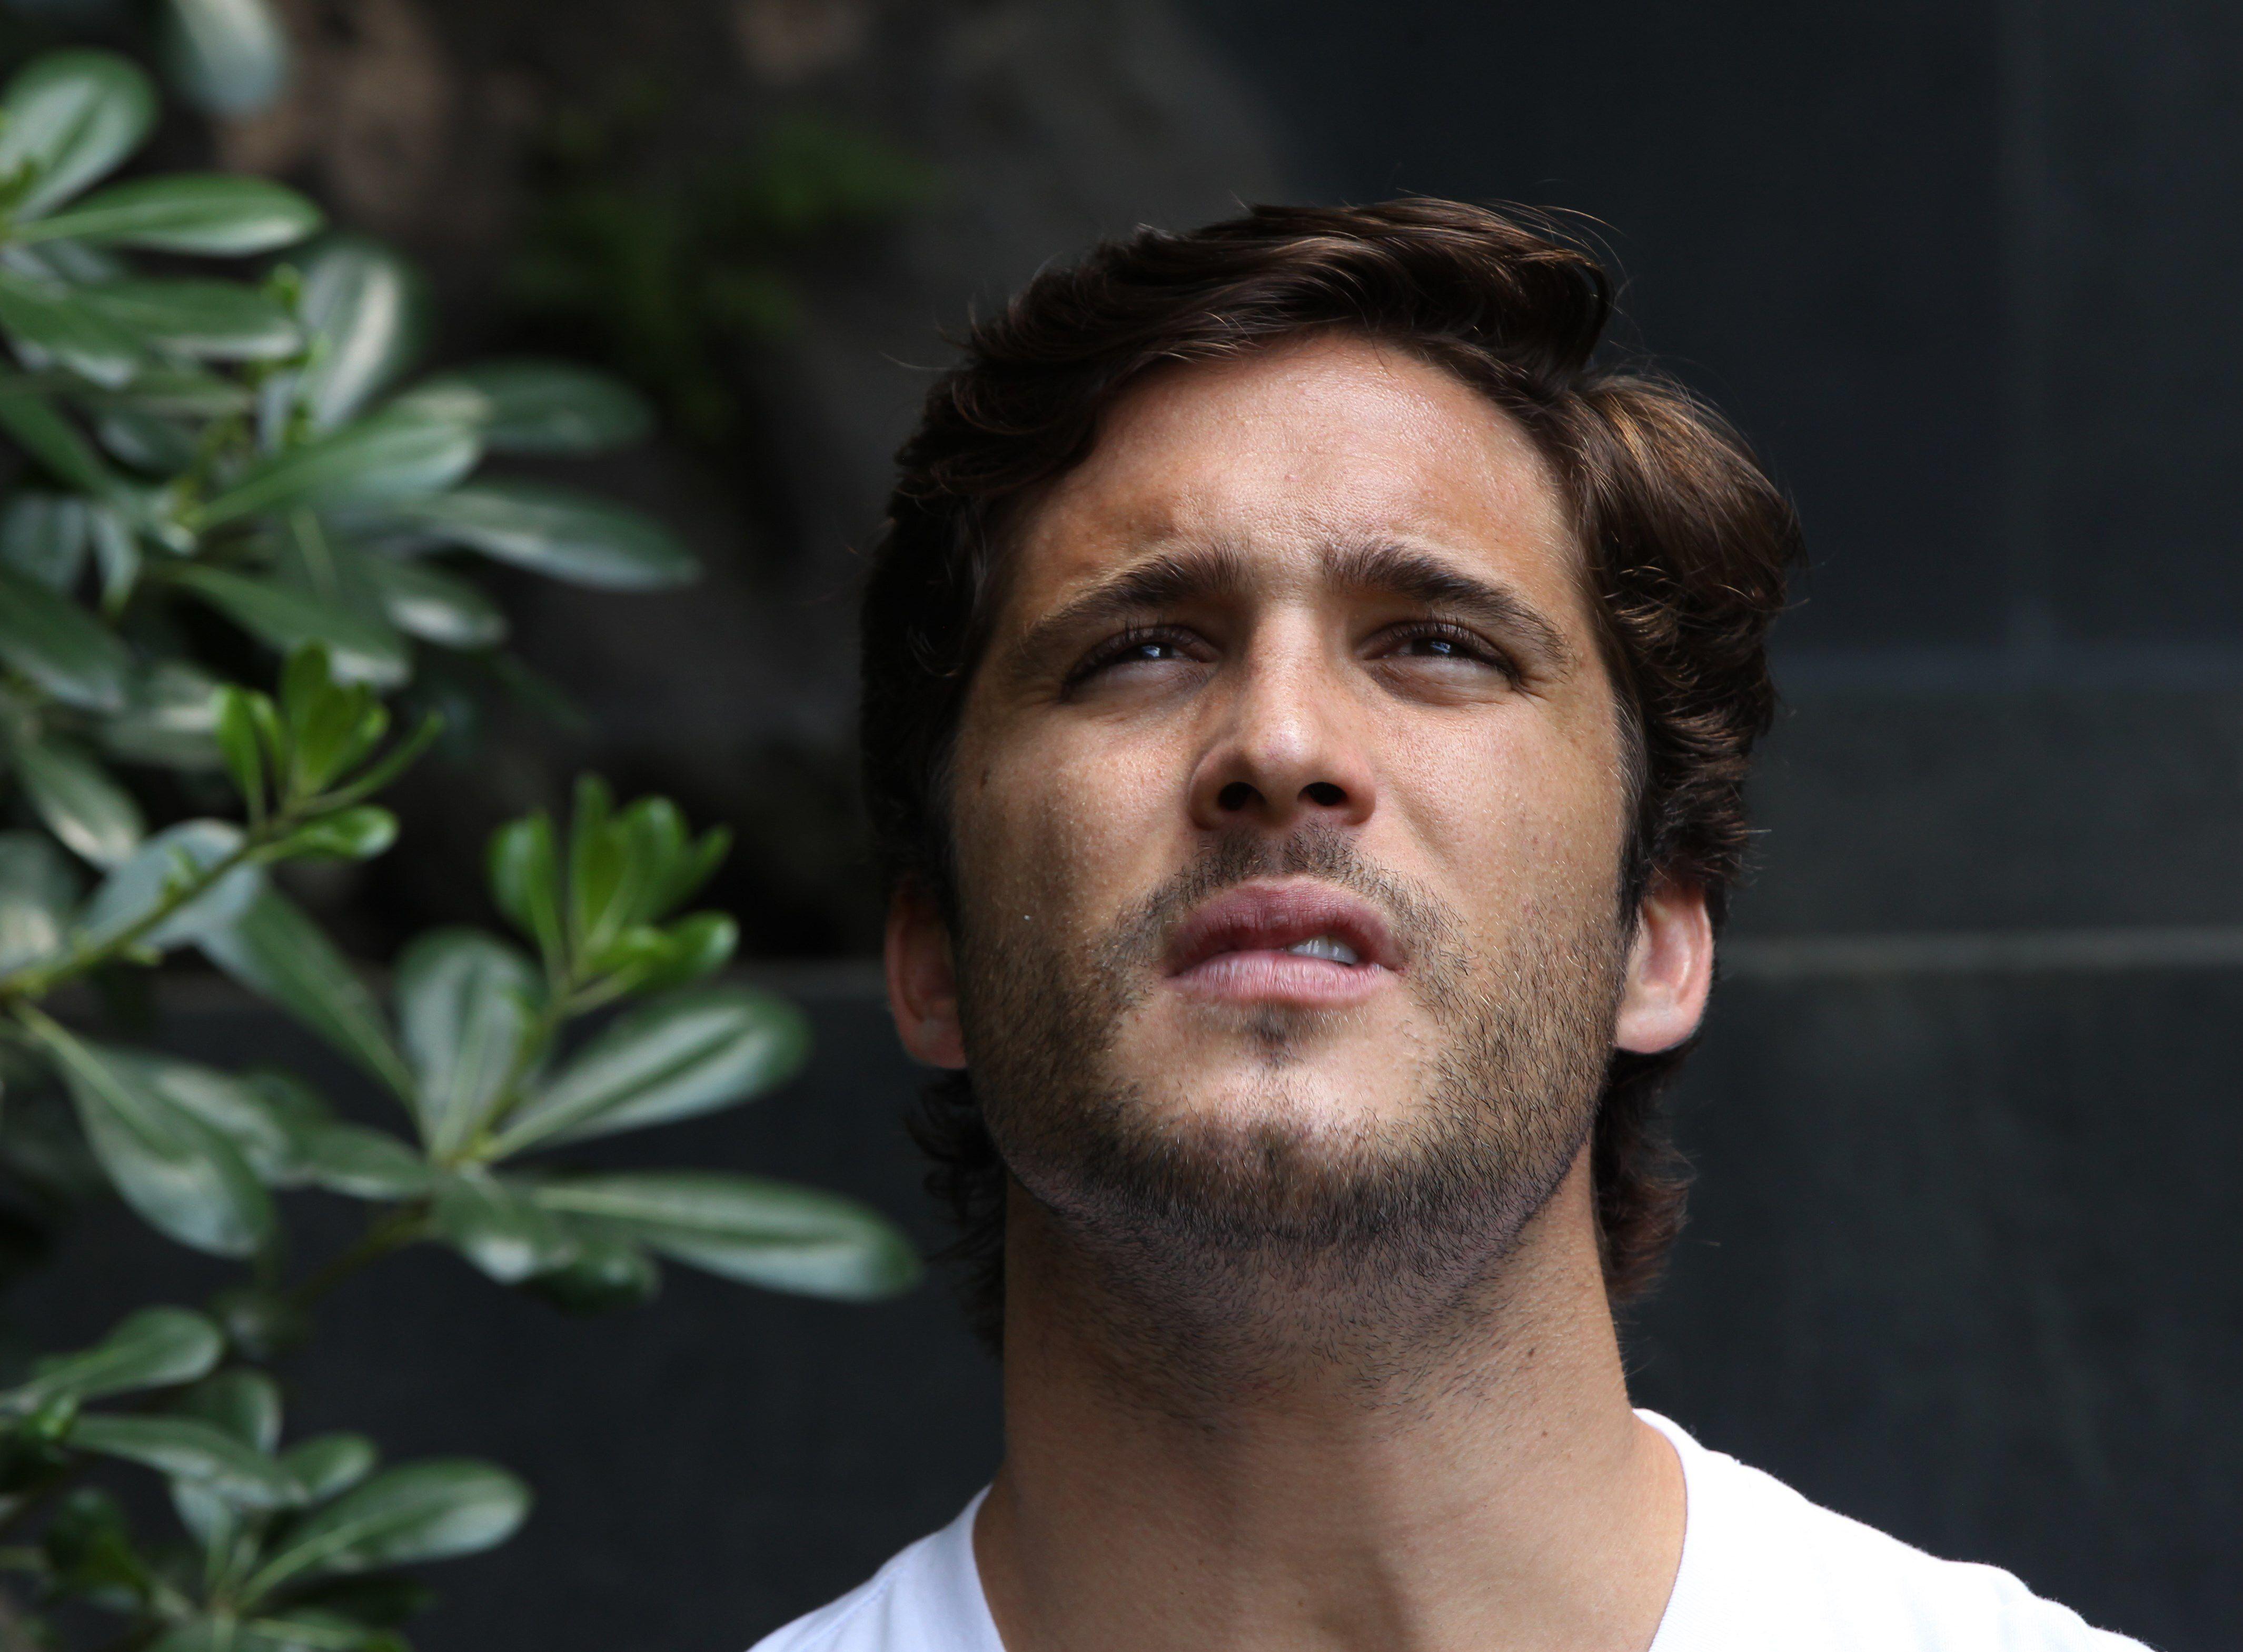 El actor mexicano Diego Boneta, quien interpreta a Luis Miguel (Crédito: EFE / Mario Guzmán)